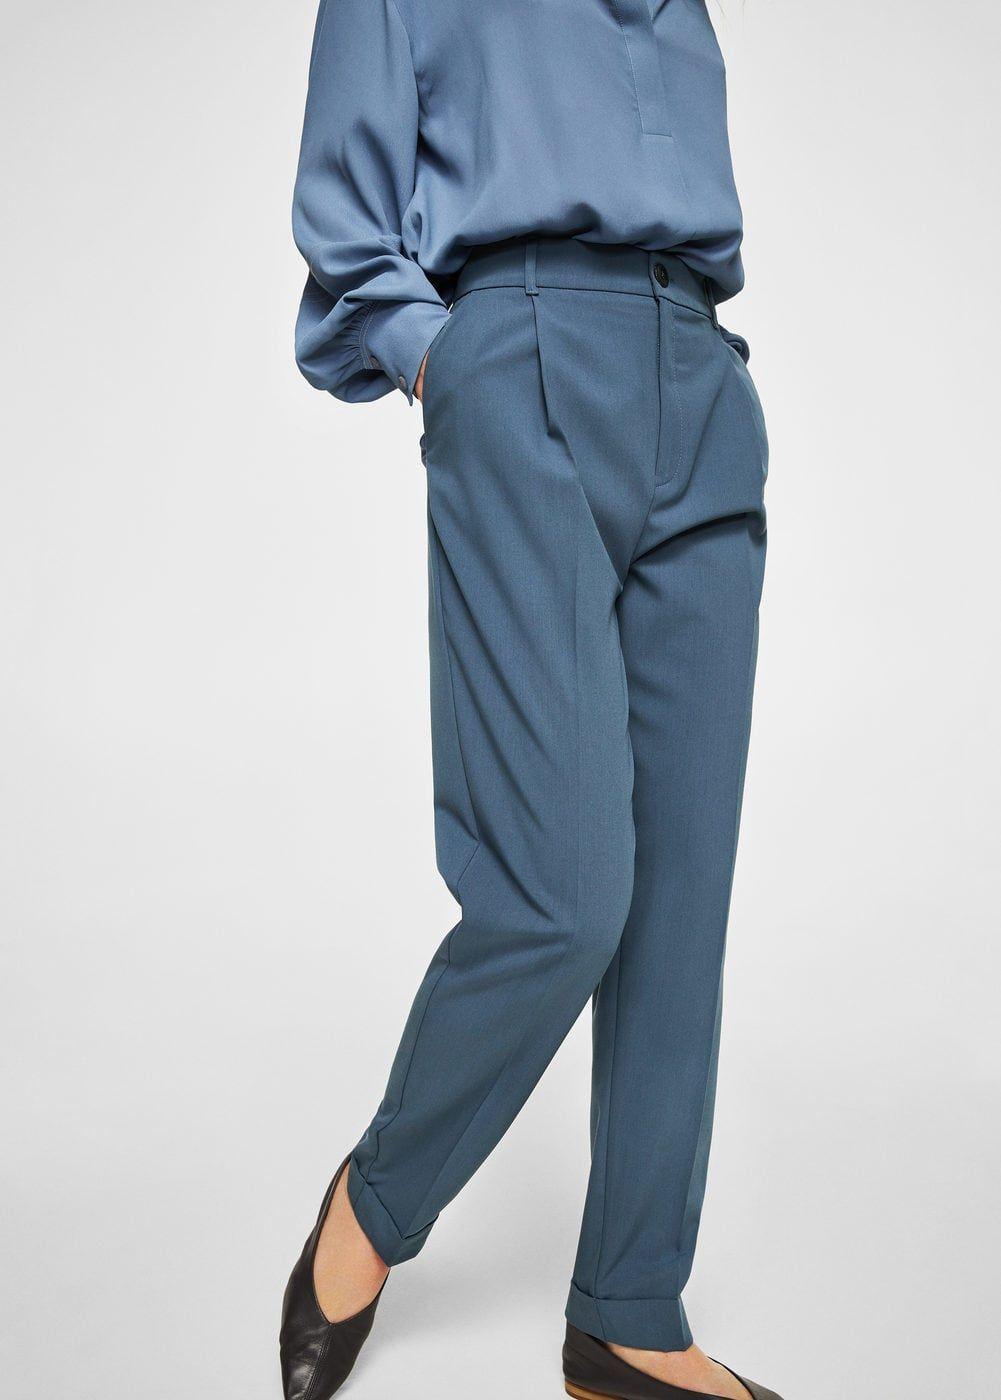 Pantalón traje pinzas - Mujer  641e2ac46f8